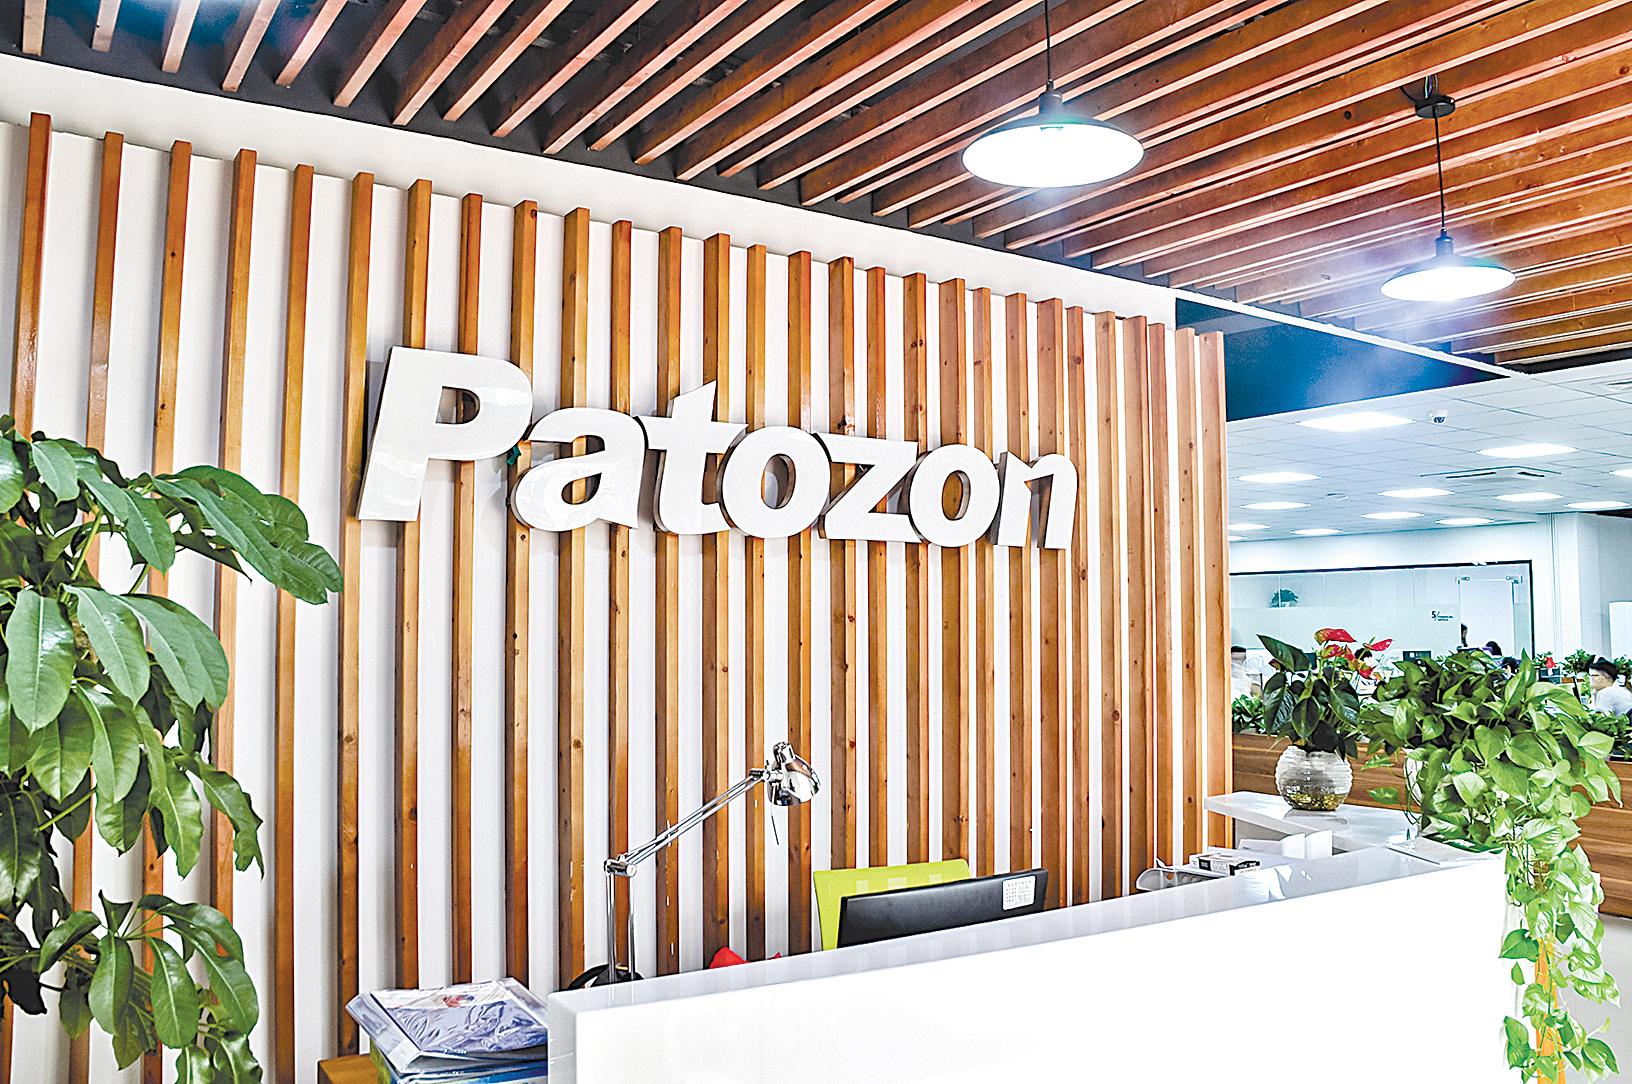 近期,中國跨境電商帕拓遜等多個十億級中國電商,被亞馬遜陸續封號和下架。圖為帕拓遜(Patozon)在深圳設的辦公室。(官網)